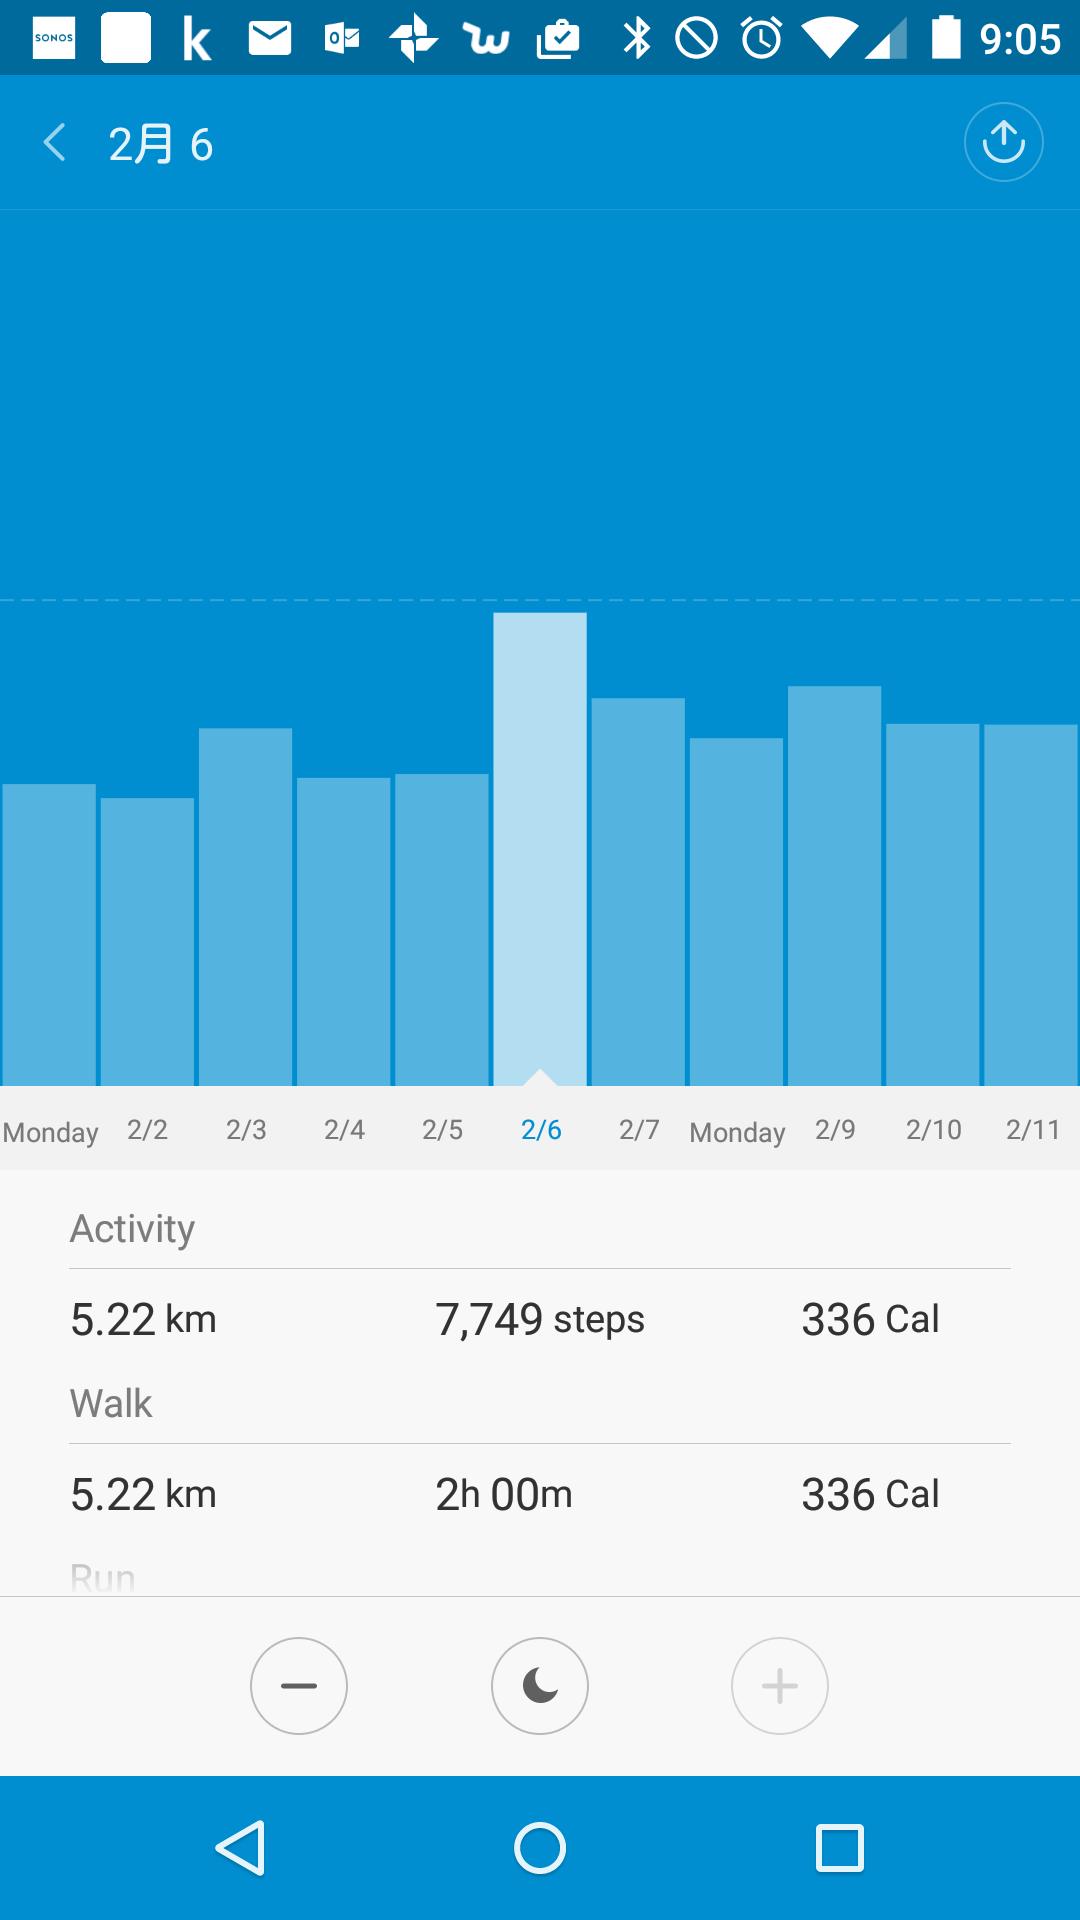 そして、これが歩数関係の画面!例えば2/6の時点では5.22km歩き、7,749歩、そして336calを消費したことを伝えてくれています。 上段の数字は全体。 その下の段は「Walk」なので、歩いての数値。さらに下段に「Run」として走った場合の数値がとられる!